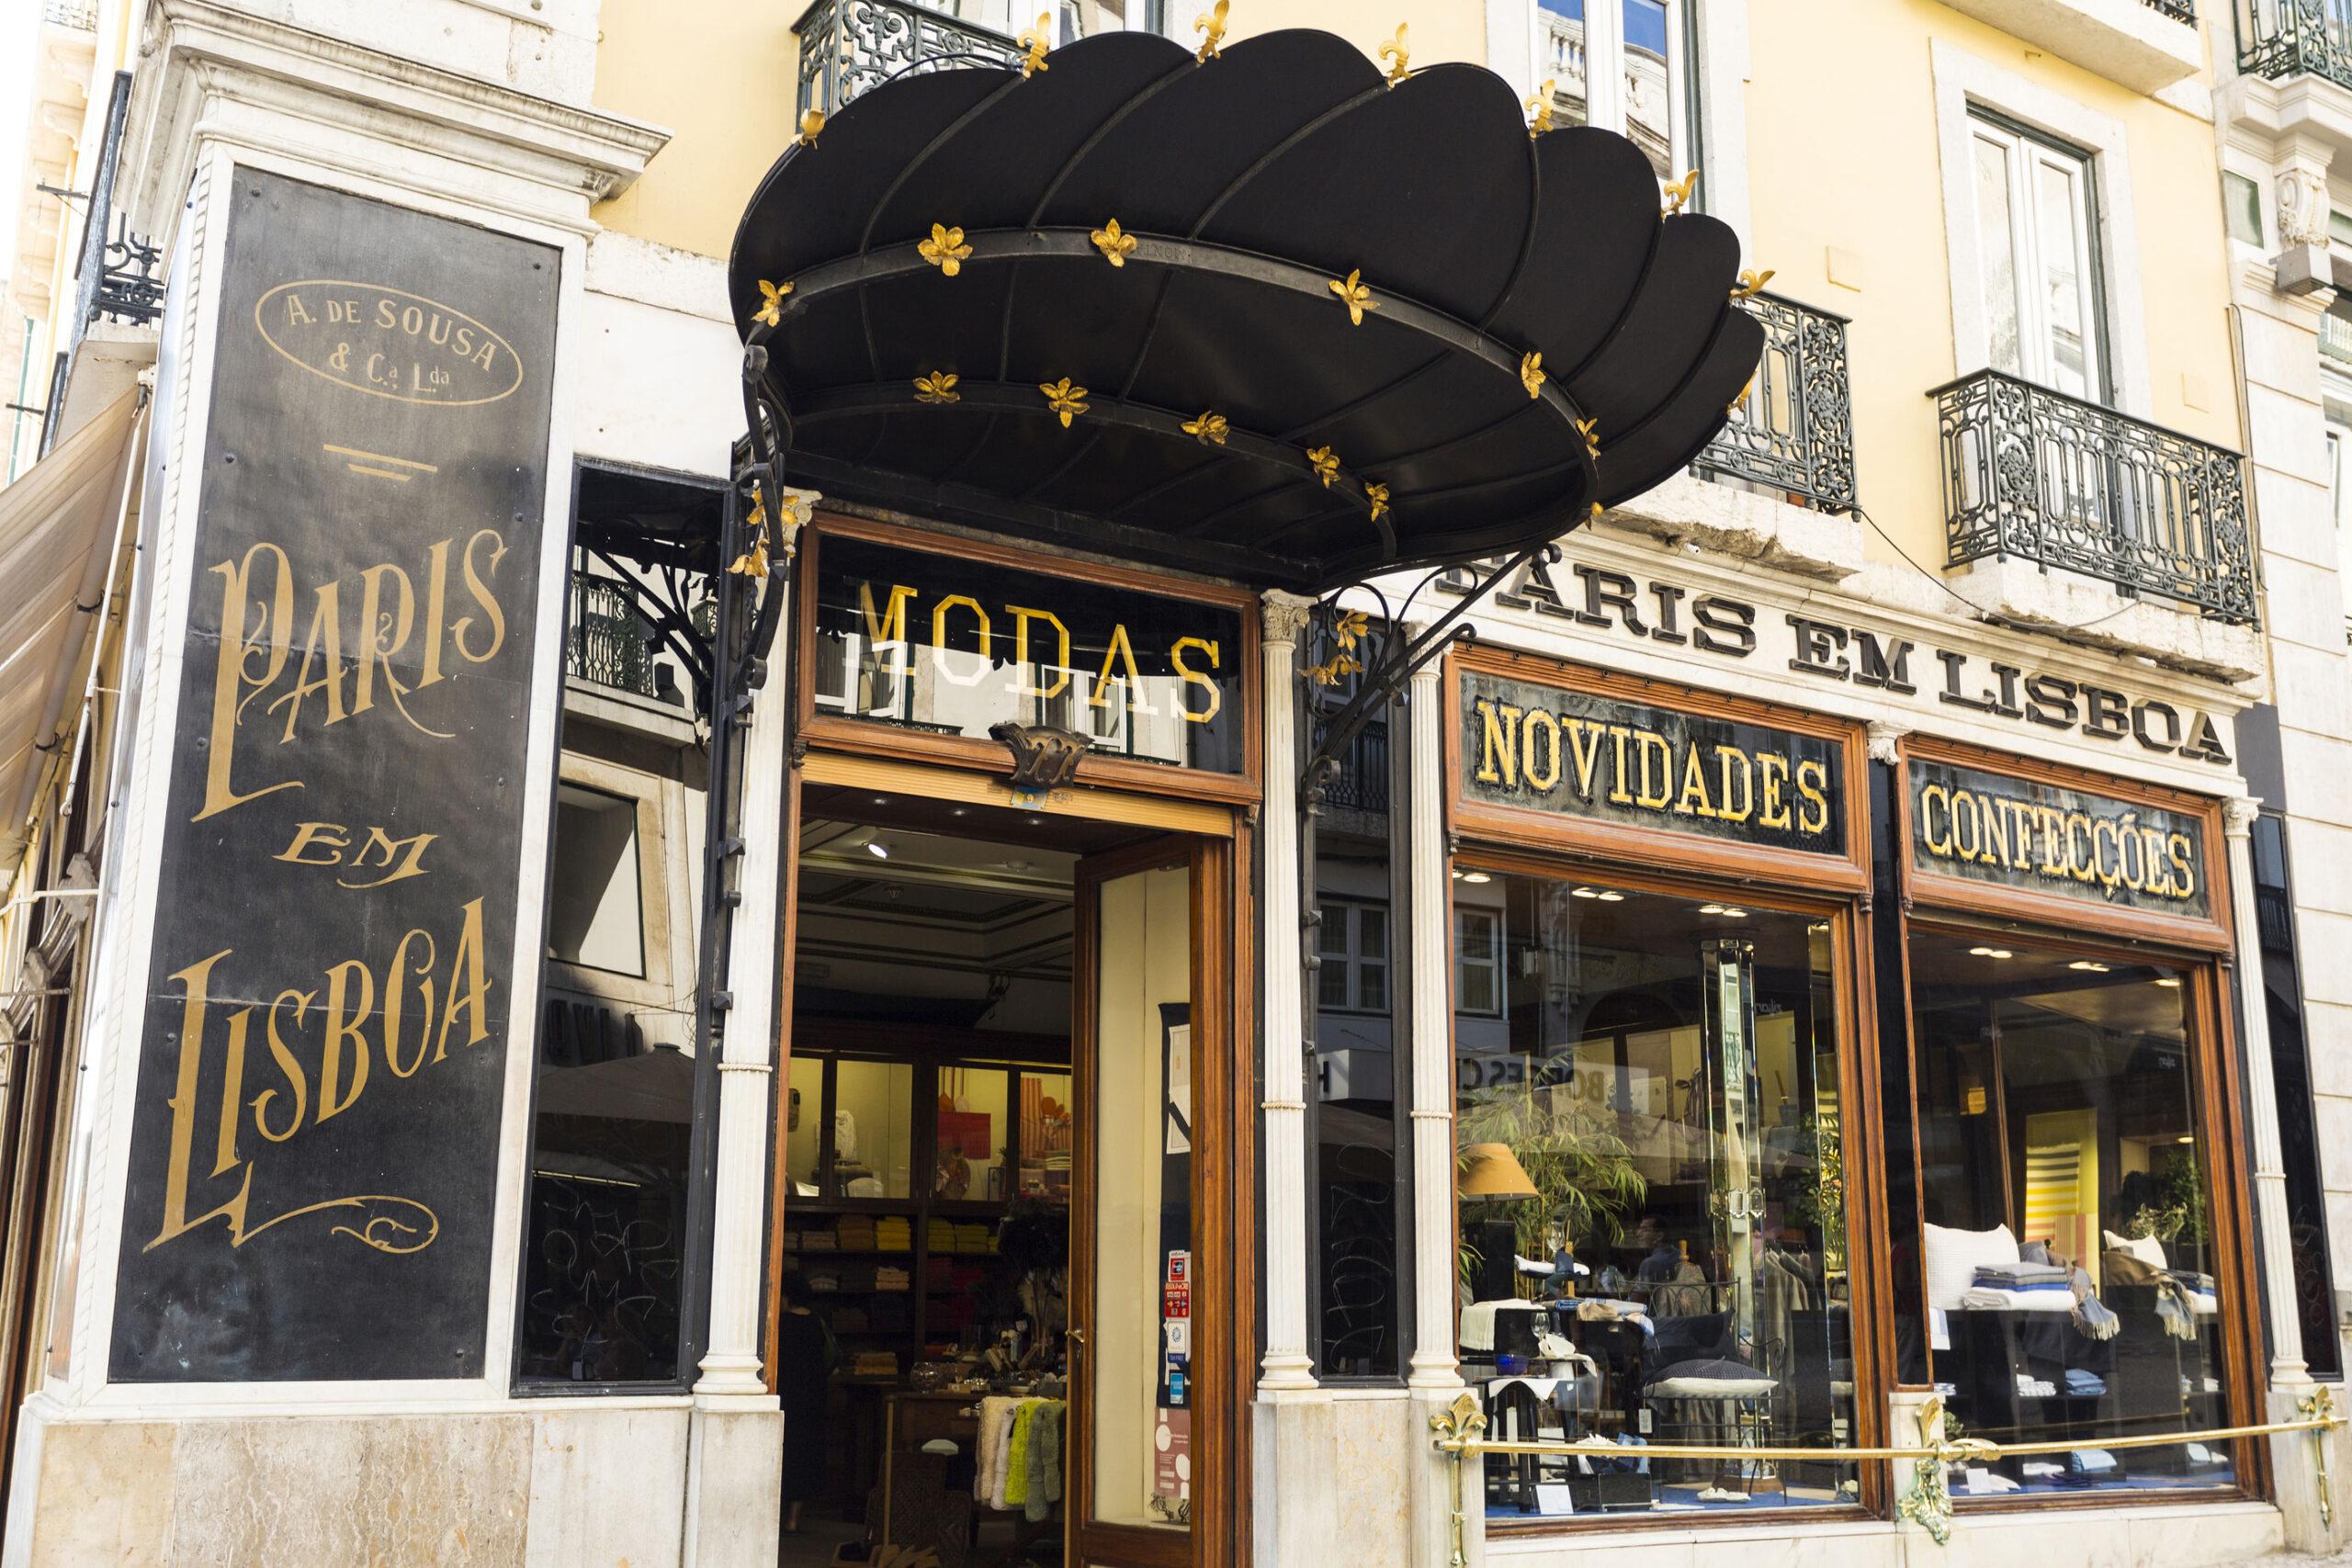 Paris em Lisboa klaer mote butikk shopping klesbutikk